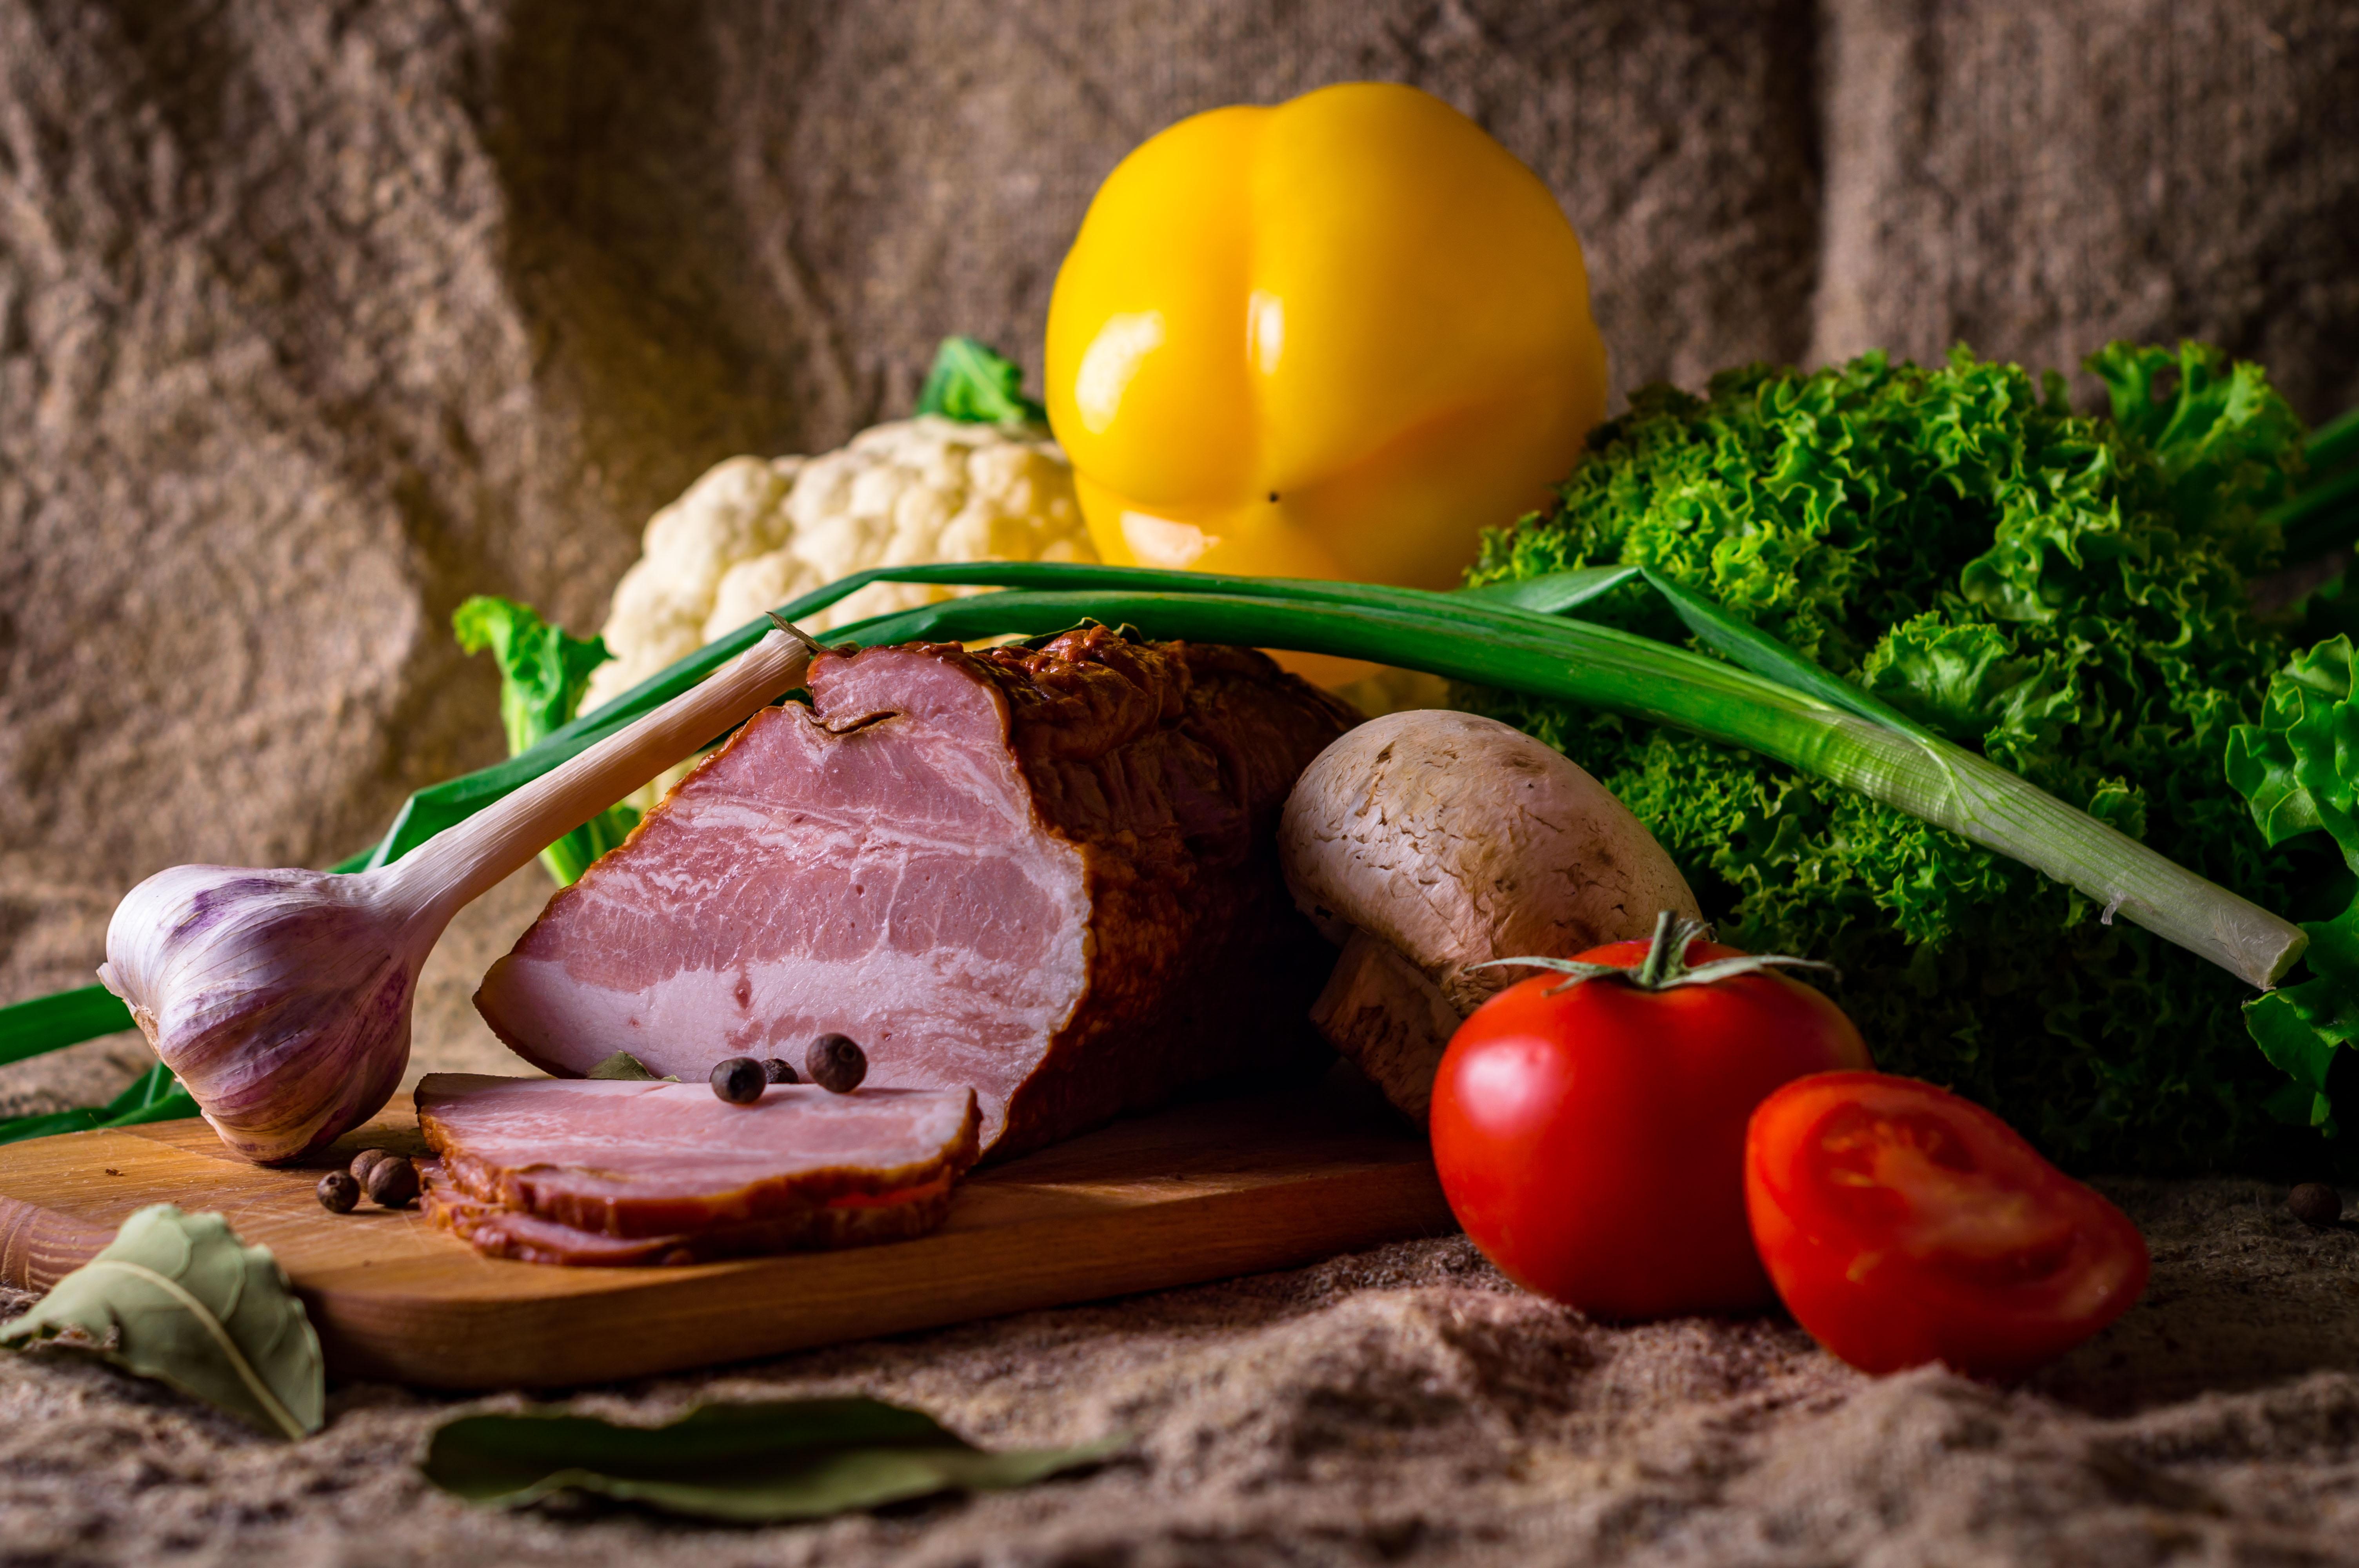 肉や魚など食材の画像